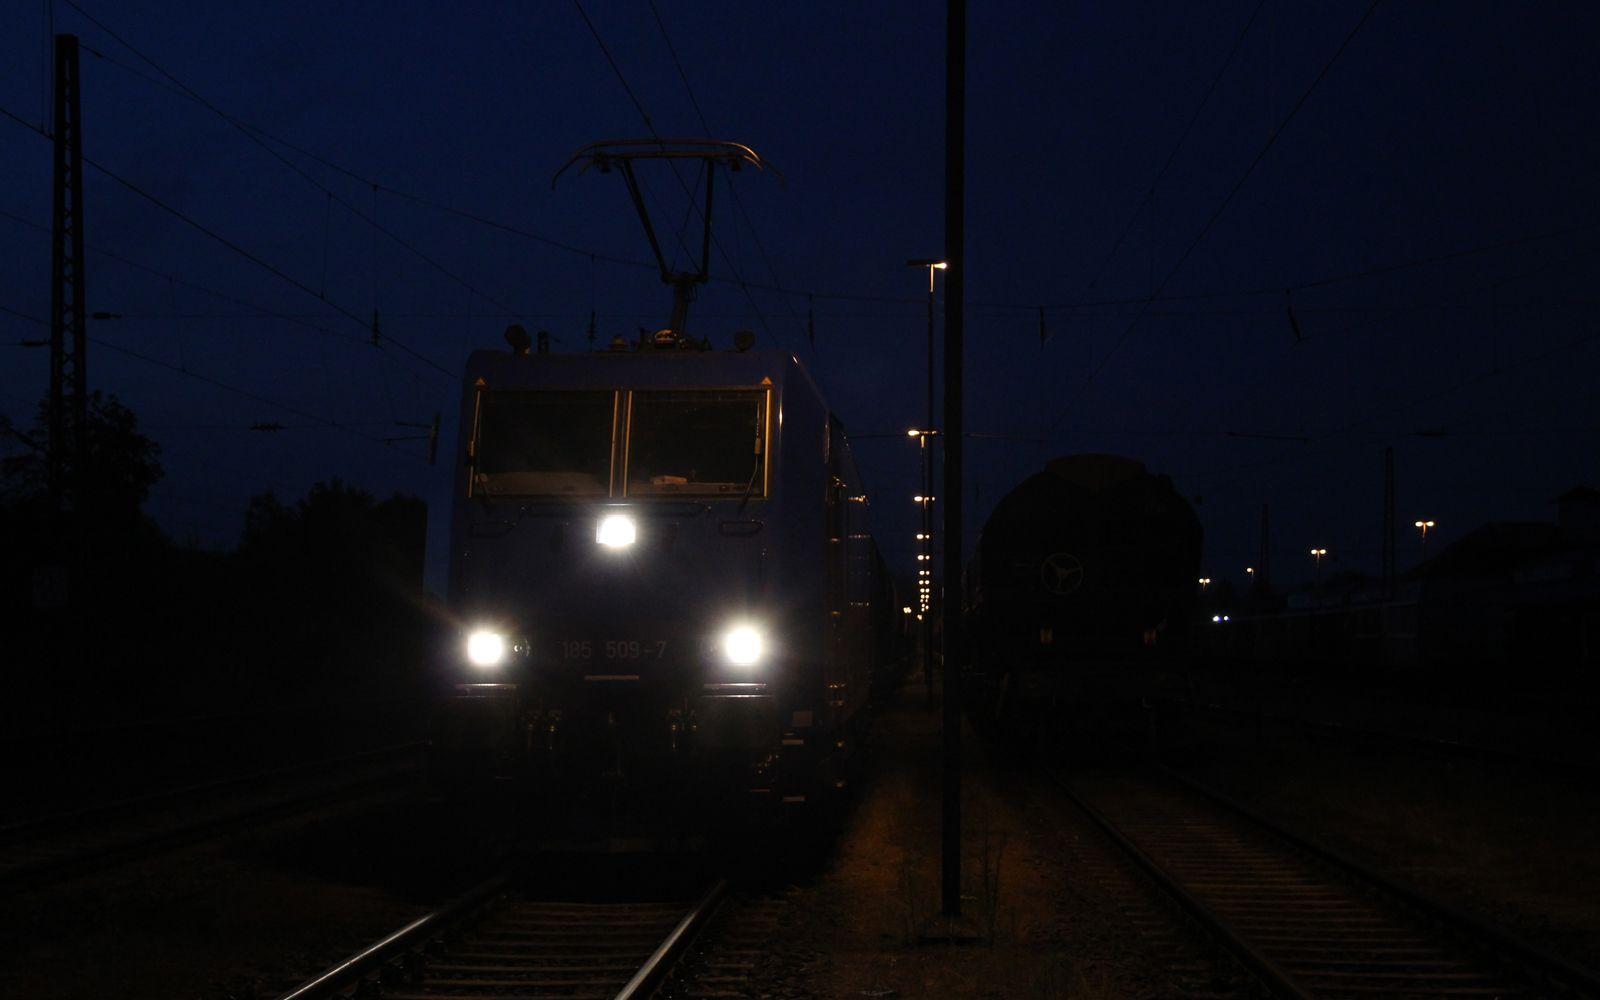 ©Foto: Denis Herwig | railmen | Lokführer im Dienst für InfraLeuna | Kesselwagen mit Diesel werden mit Lok der Baureihe 185 nach Bebra transportiert